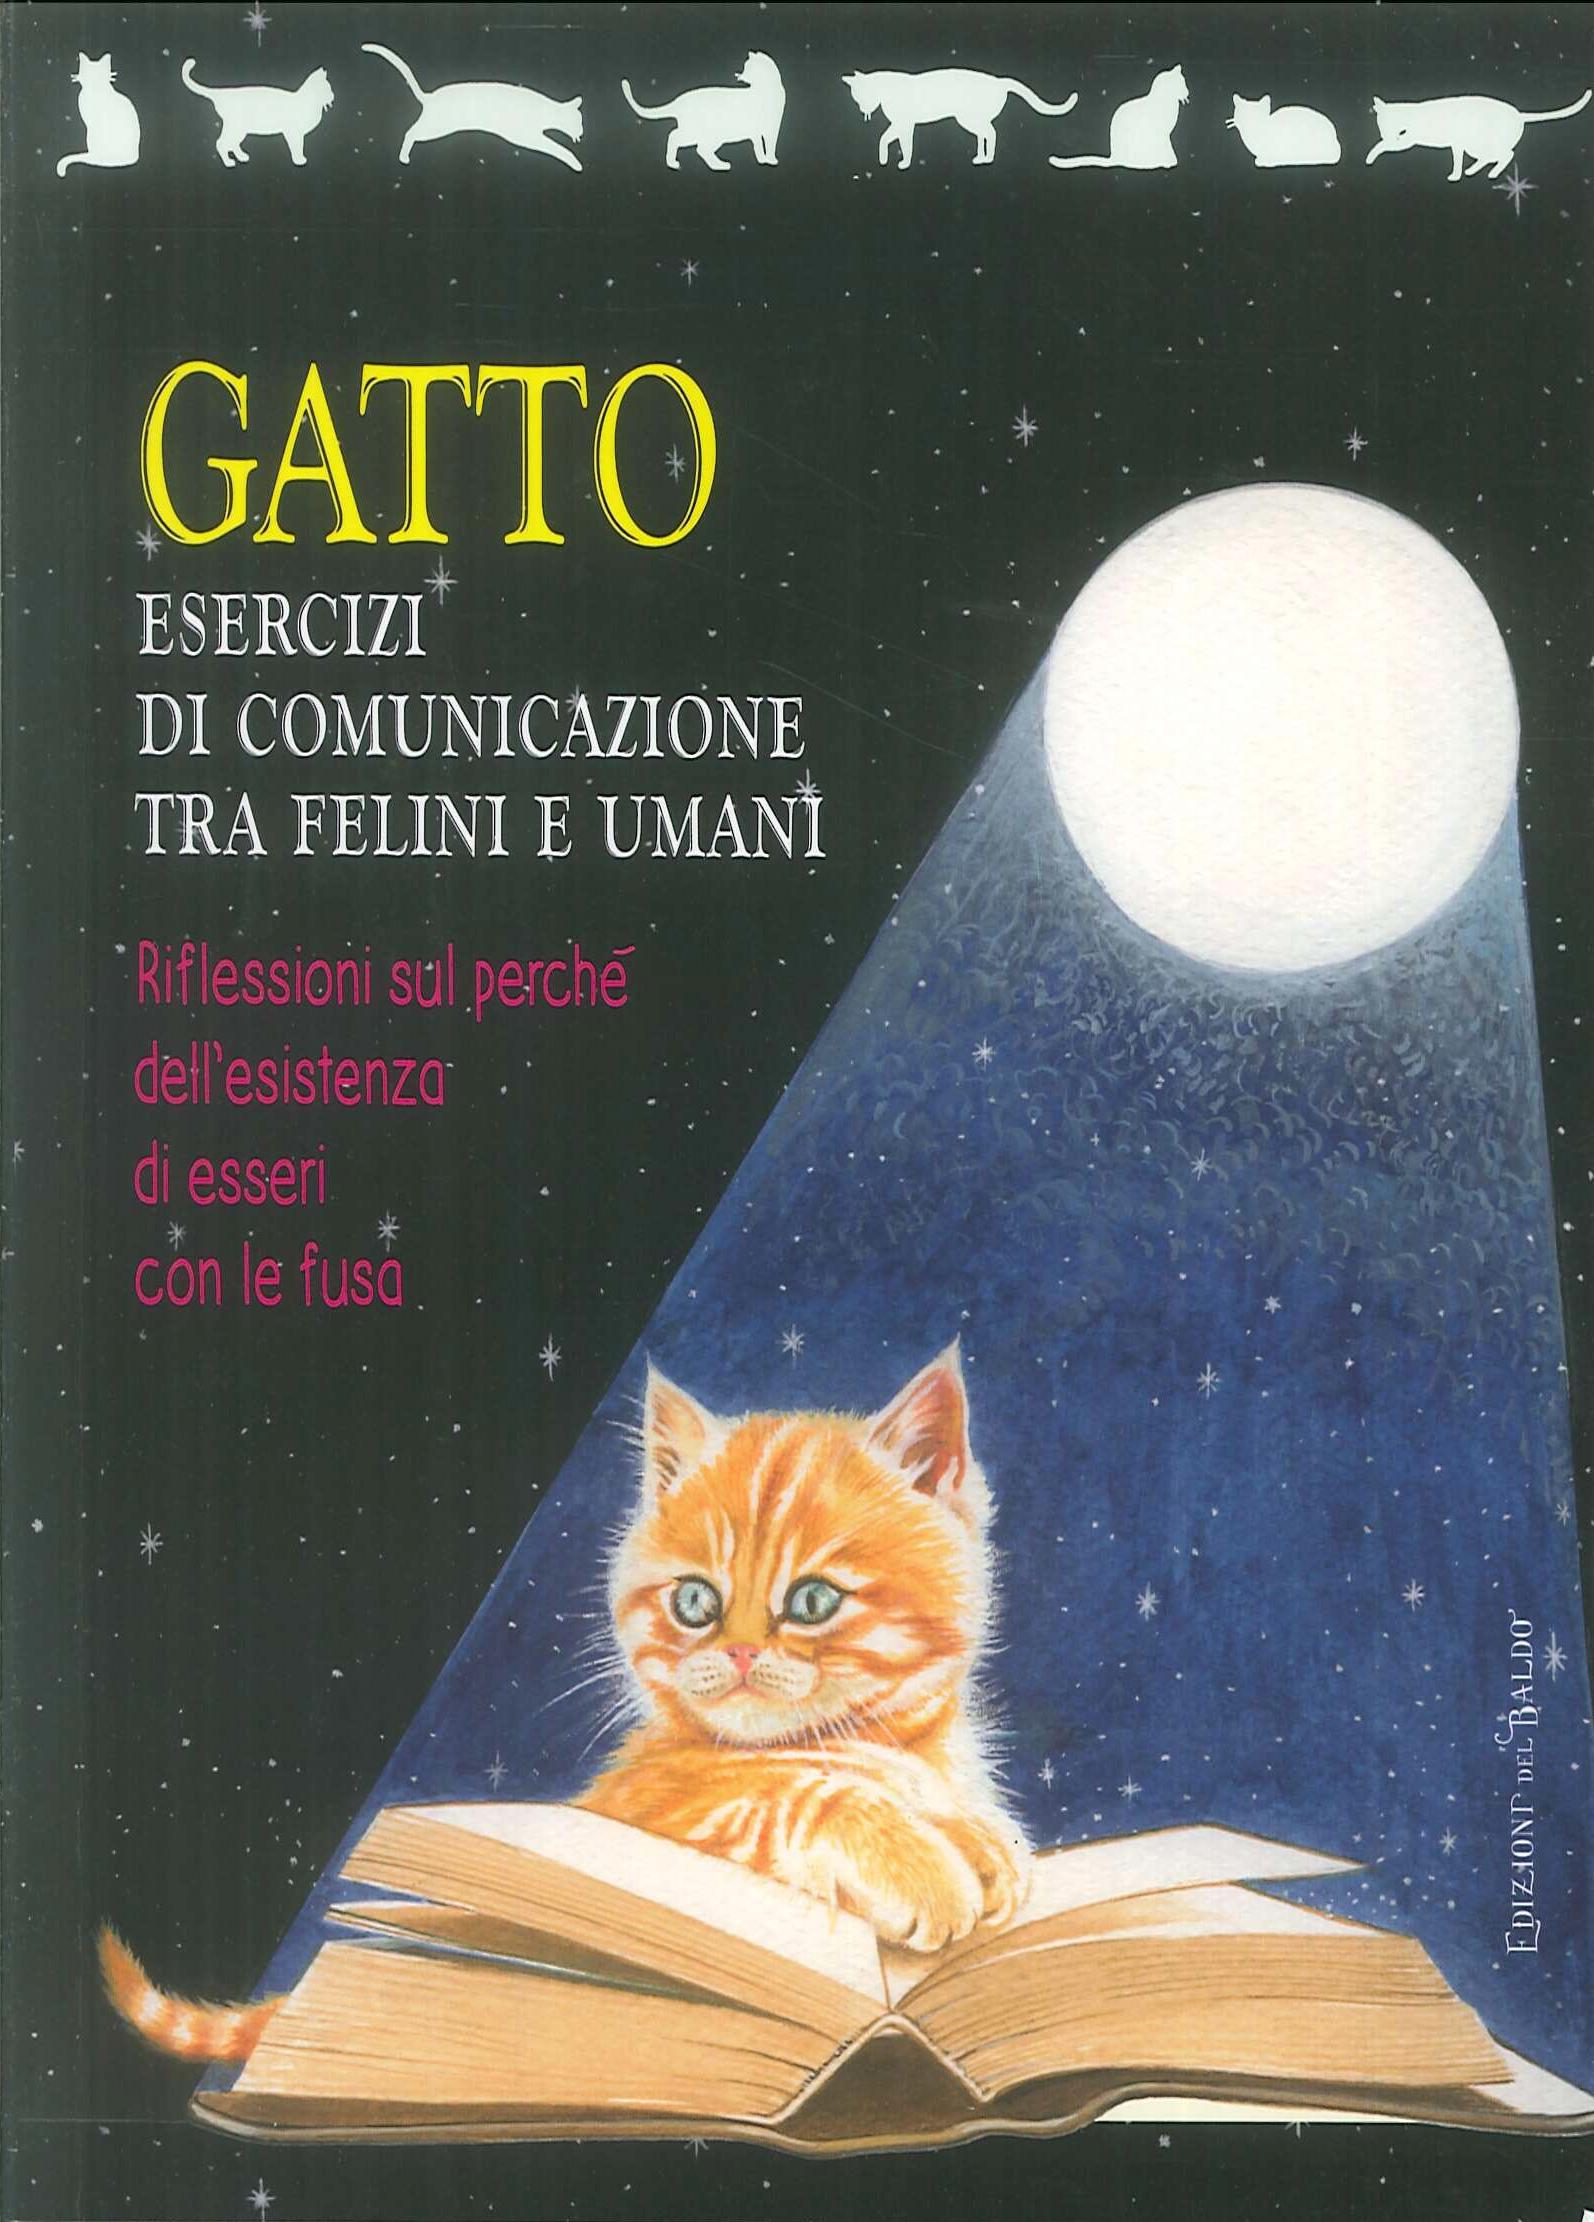 Gatto. Esercizi di comunicazione tra felini e umani. Regole di convivenza felice tra il gatto... e il suo umano